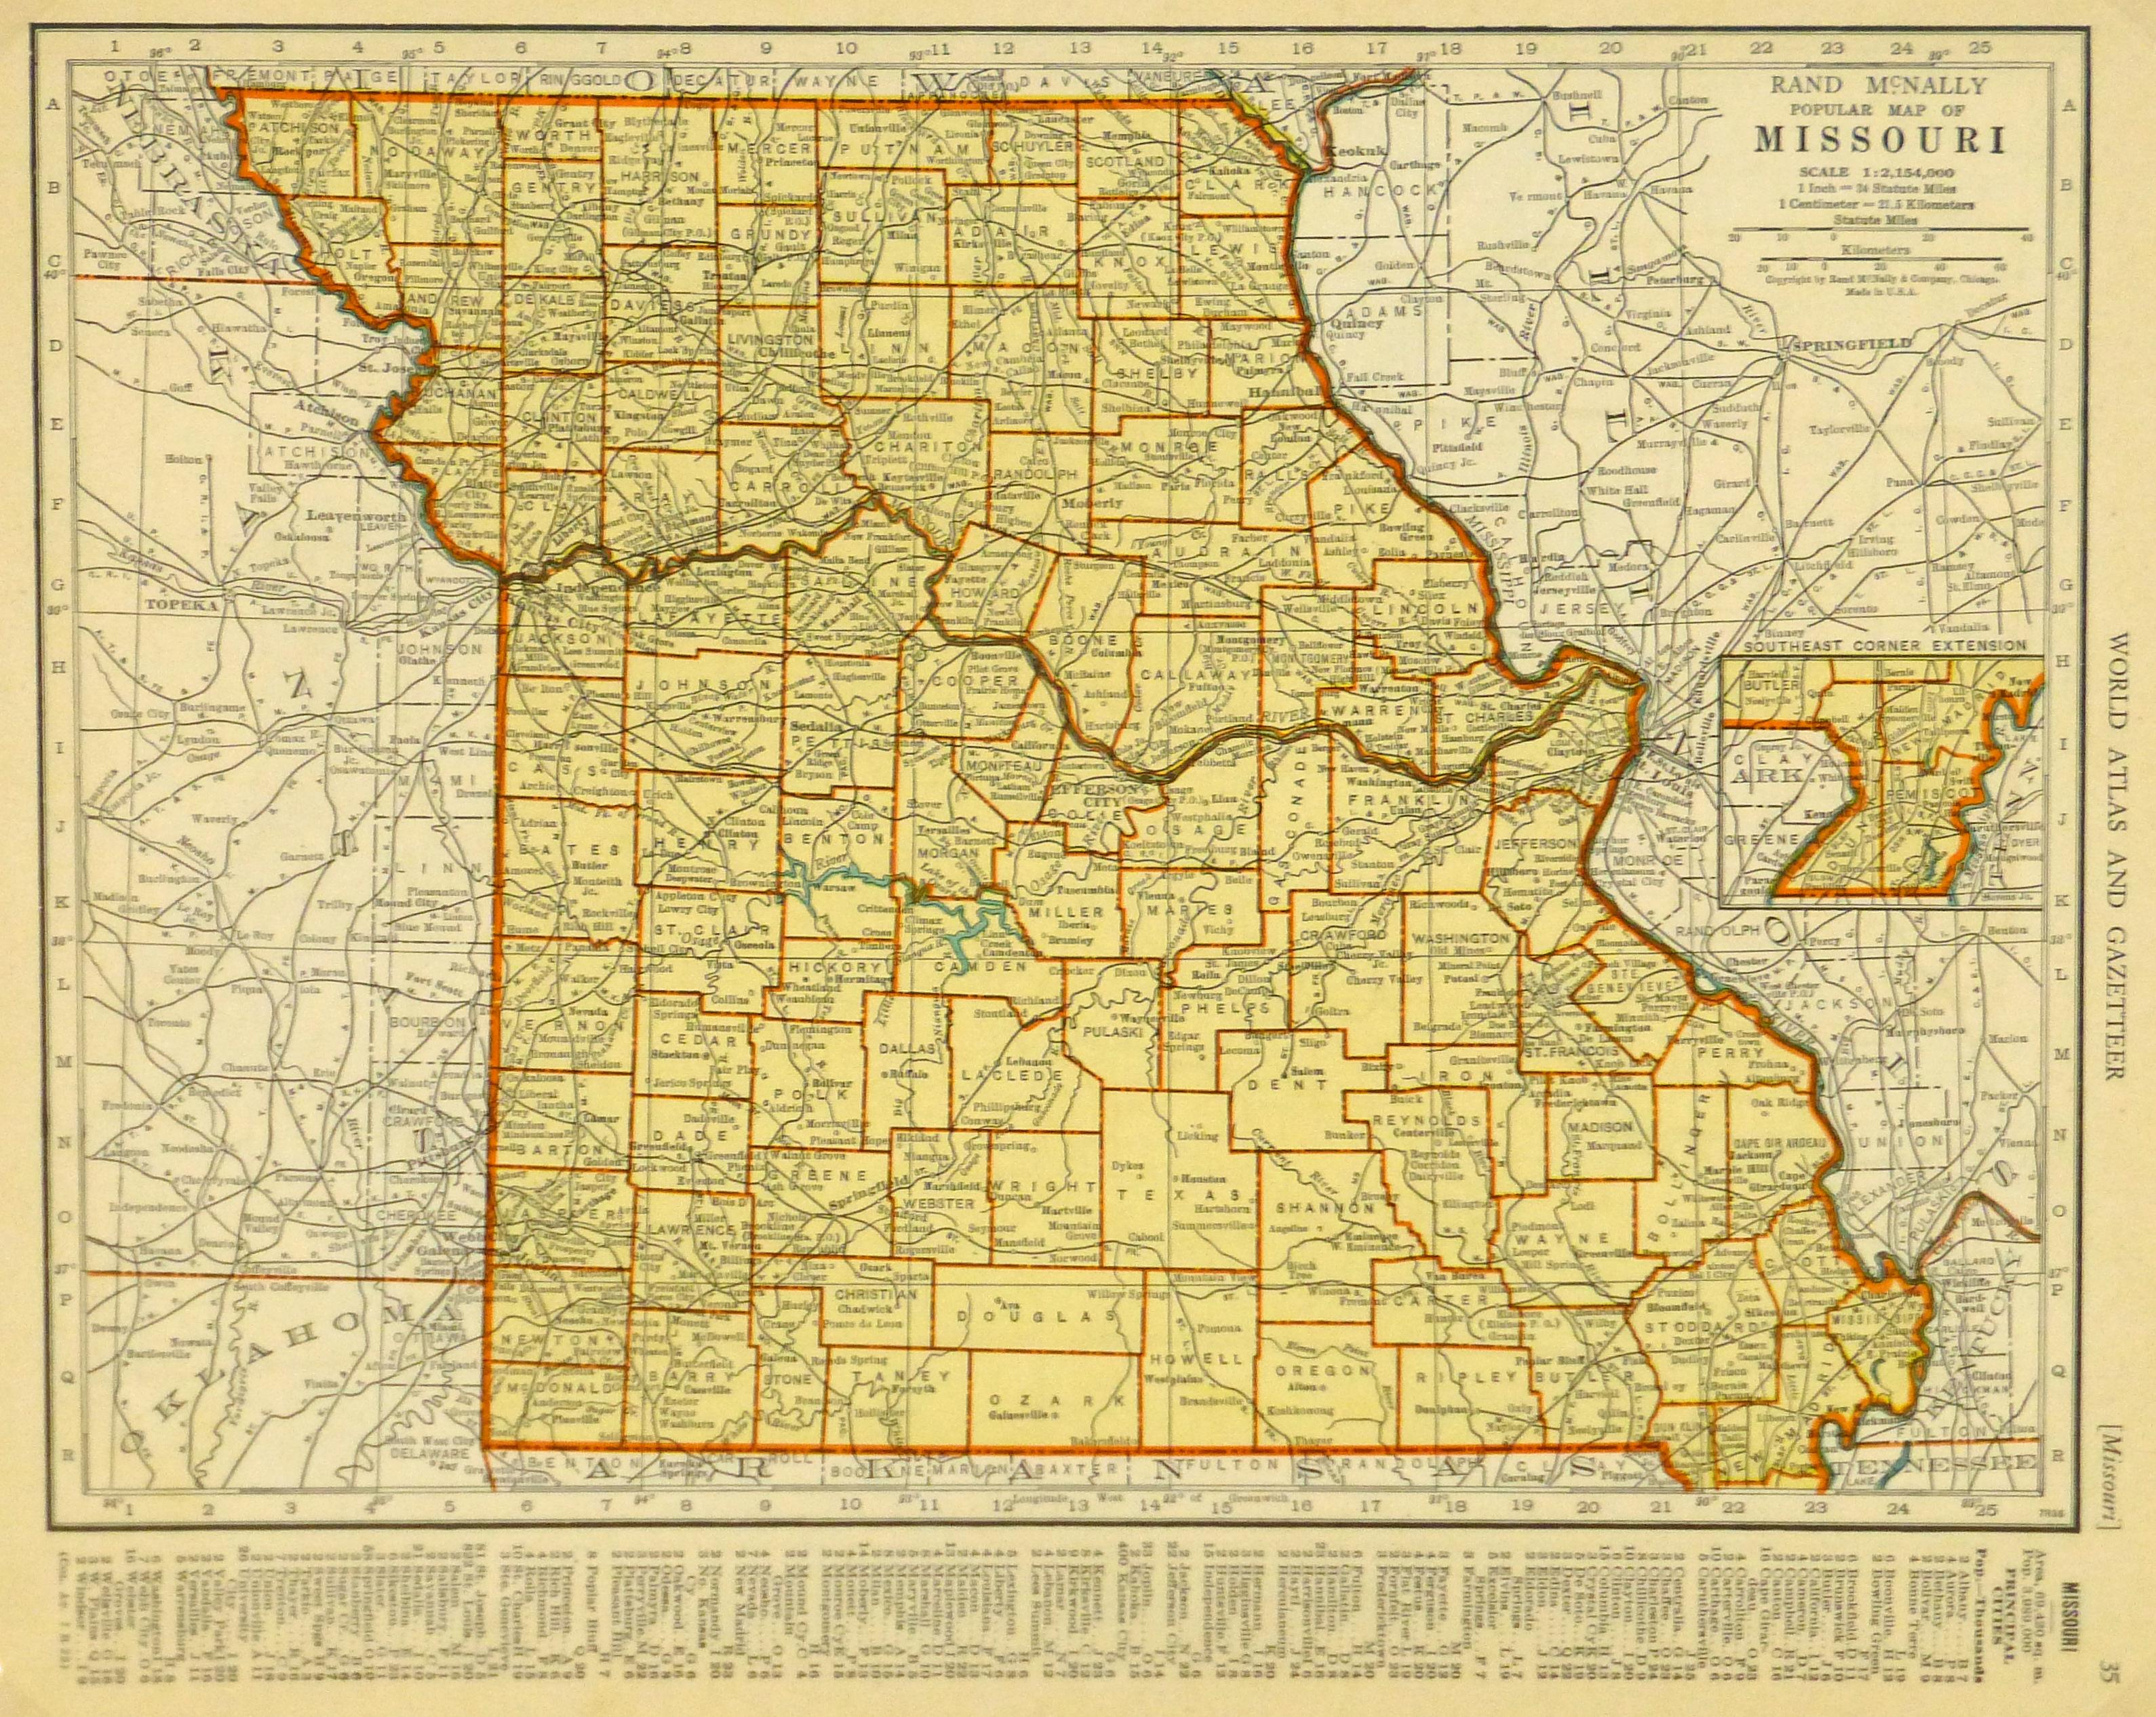 Map of Missouri, 1937-main-8705K